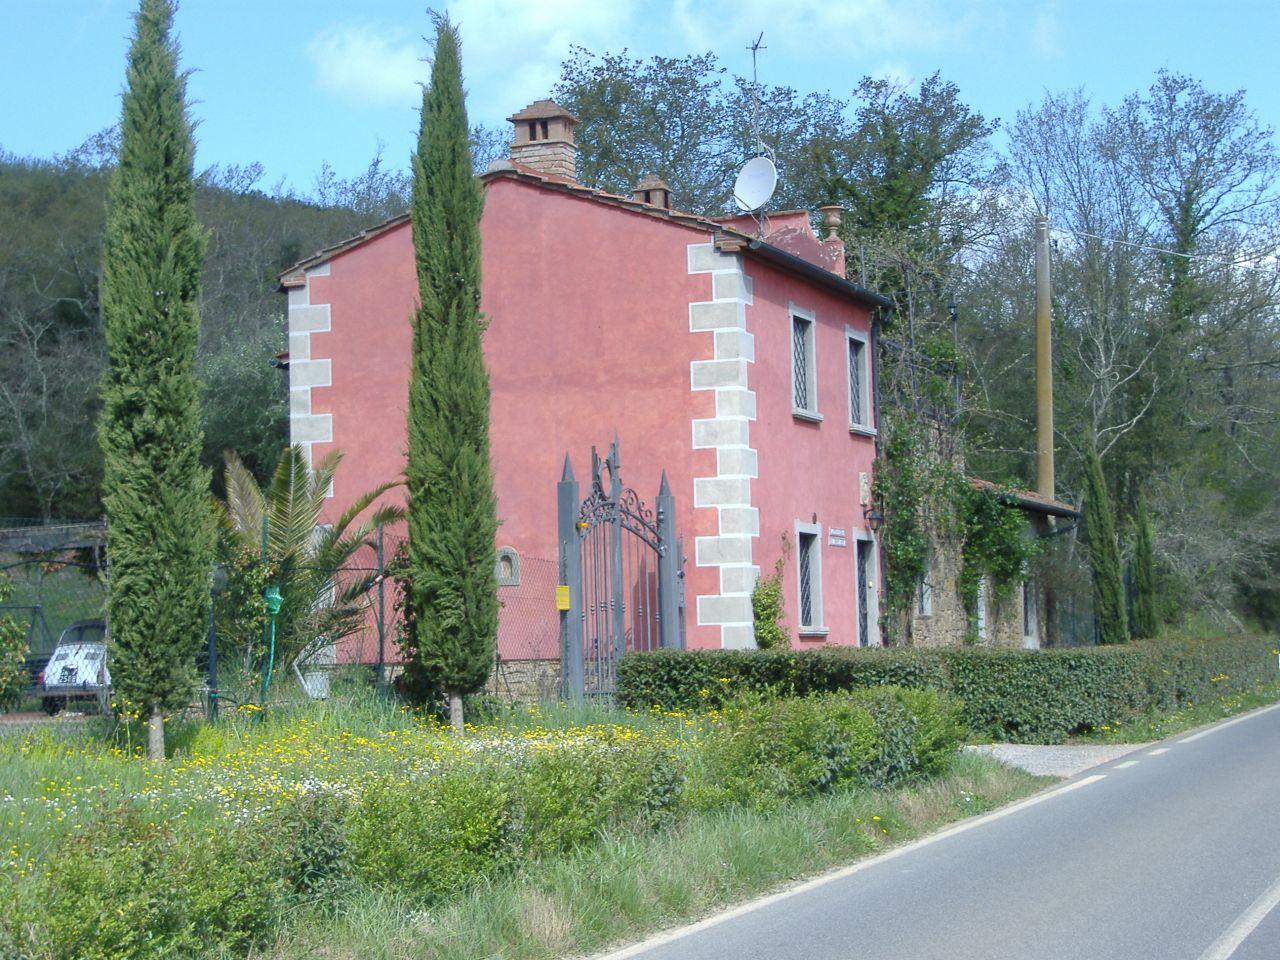 Rustico / Casale in vendita a Suvereto, 5 locali, prezzo € 380.000 | CambioCasa.it